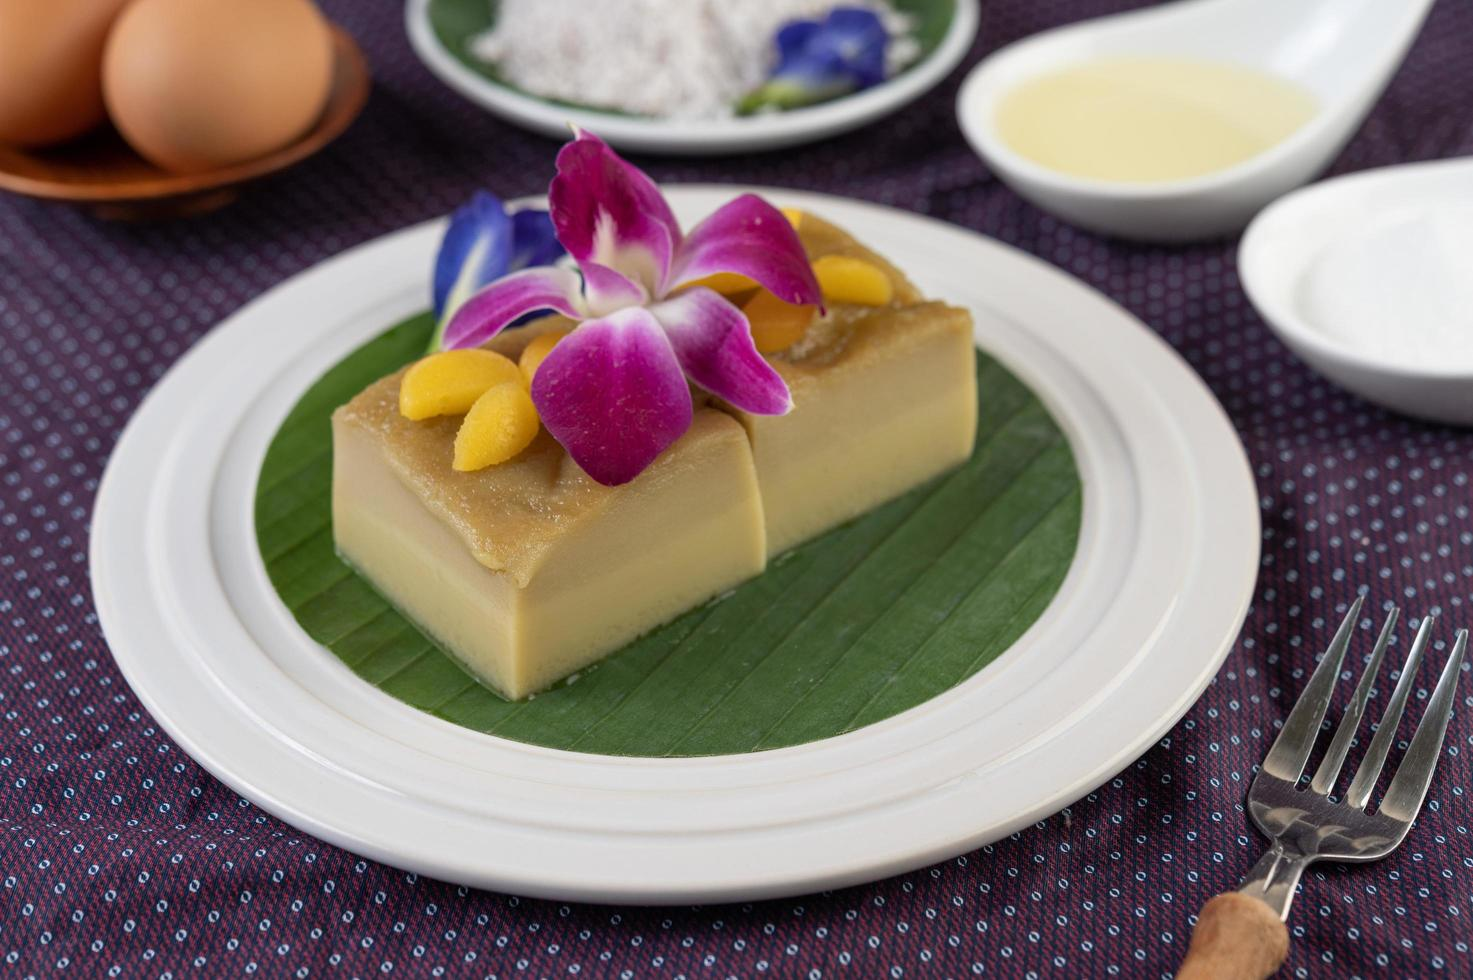 crema pasticcera su una foglia di banana con fiori di pisello e orchidee foto